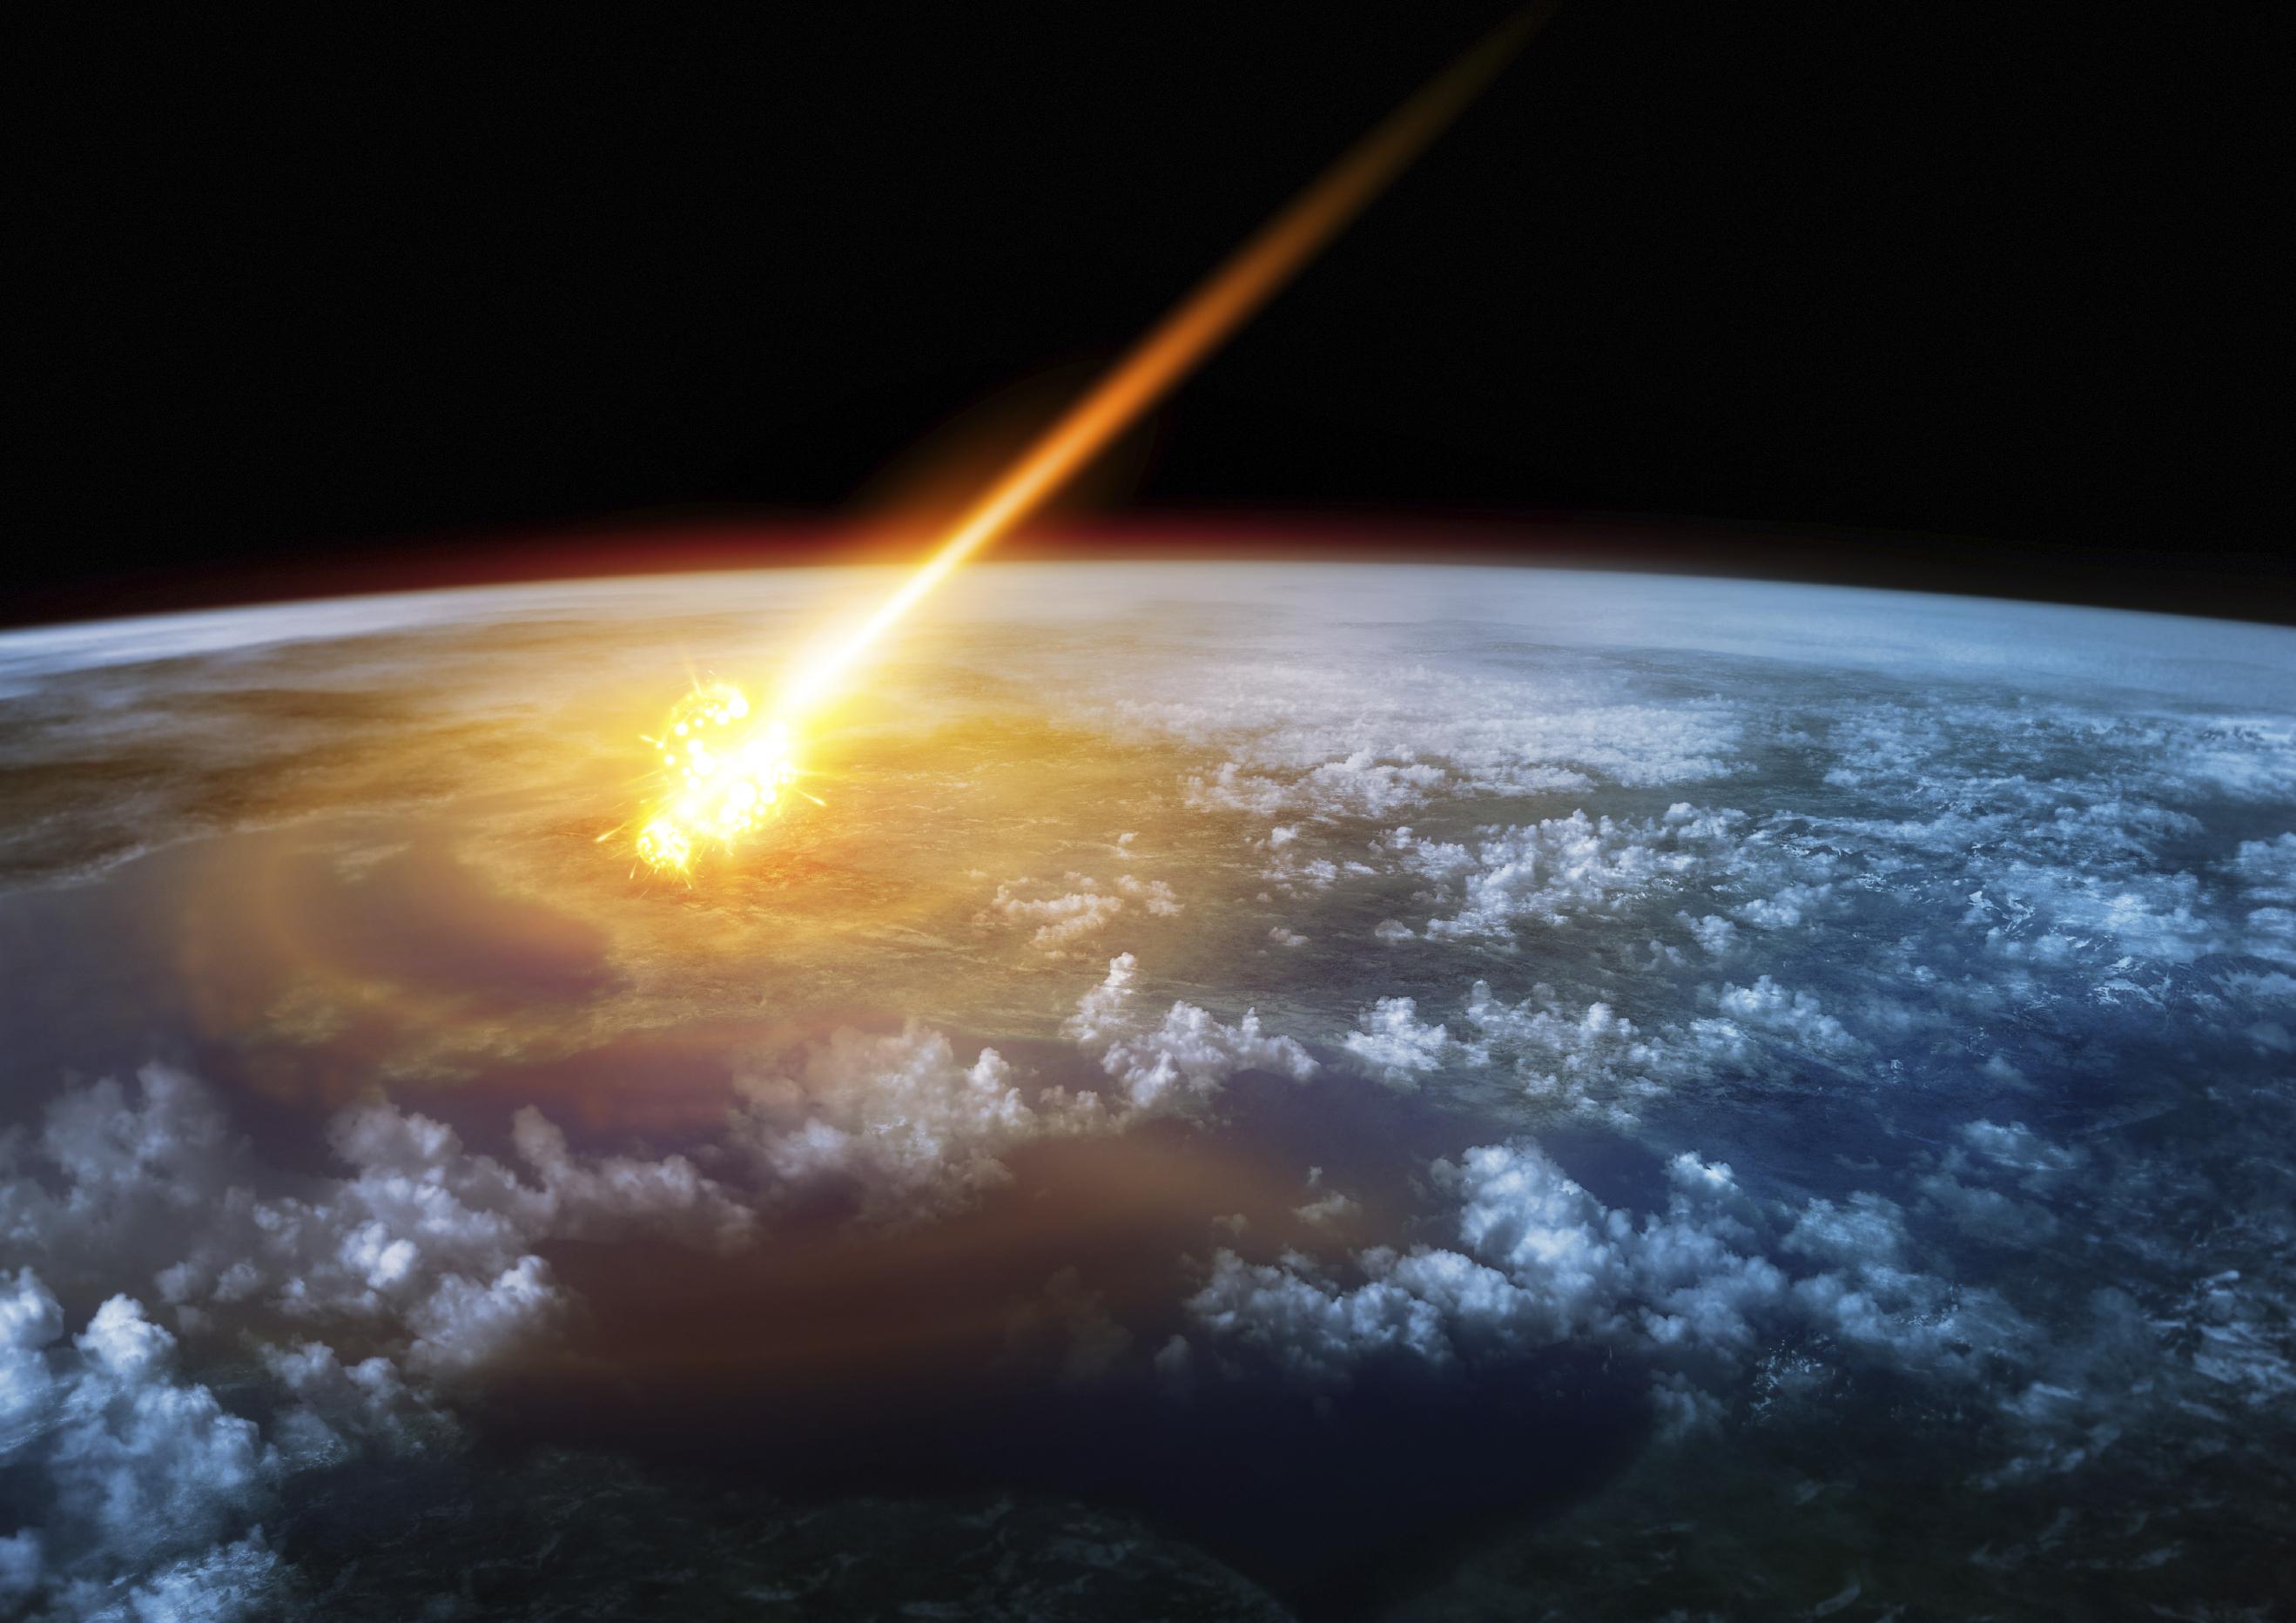 интересных метеоры в космосе картинки помогают